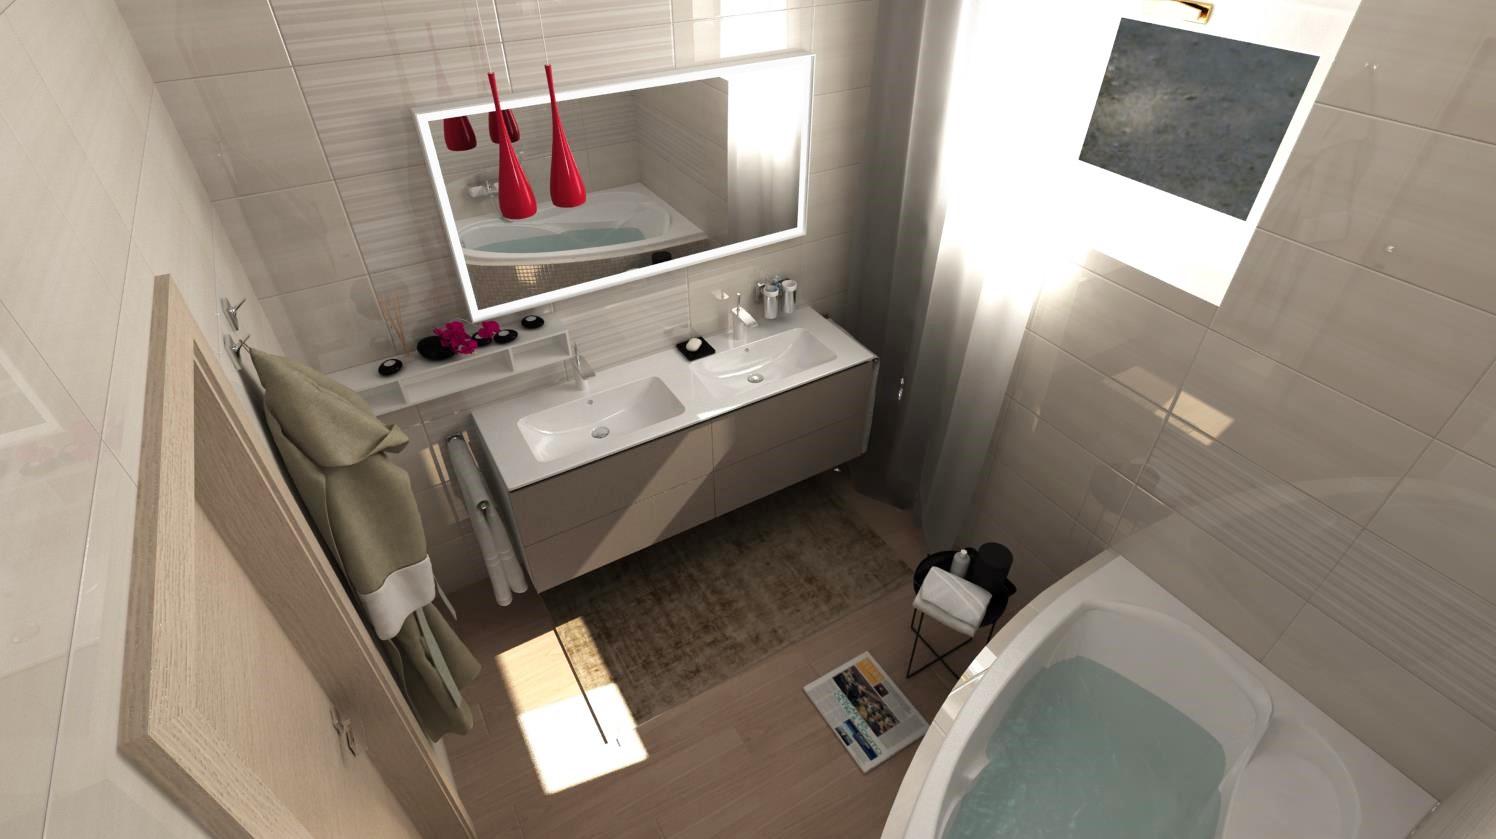 Vizualizácie kúpeľní - Vizualizácia kúpeľne z najobľúbenejšej tohtoročnej kolekcie obkladov Linear. Viac našich návrhov nájdete na: www.modernekupelne.sk/navrhy-kupelni